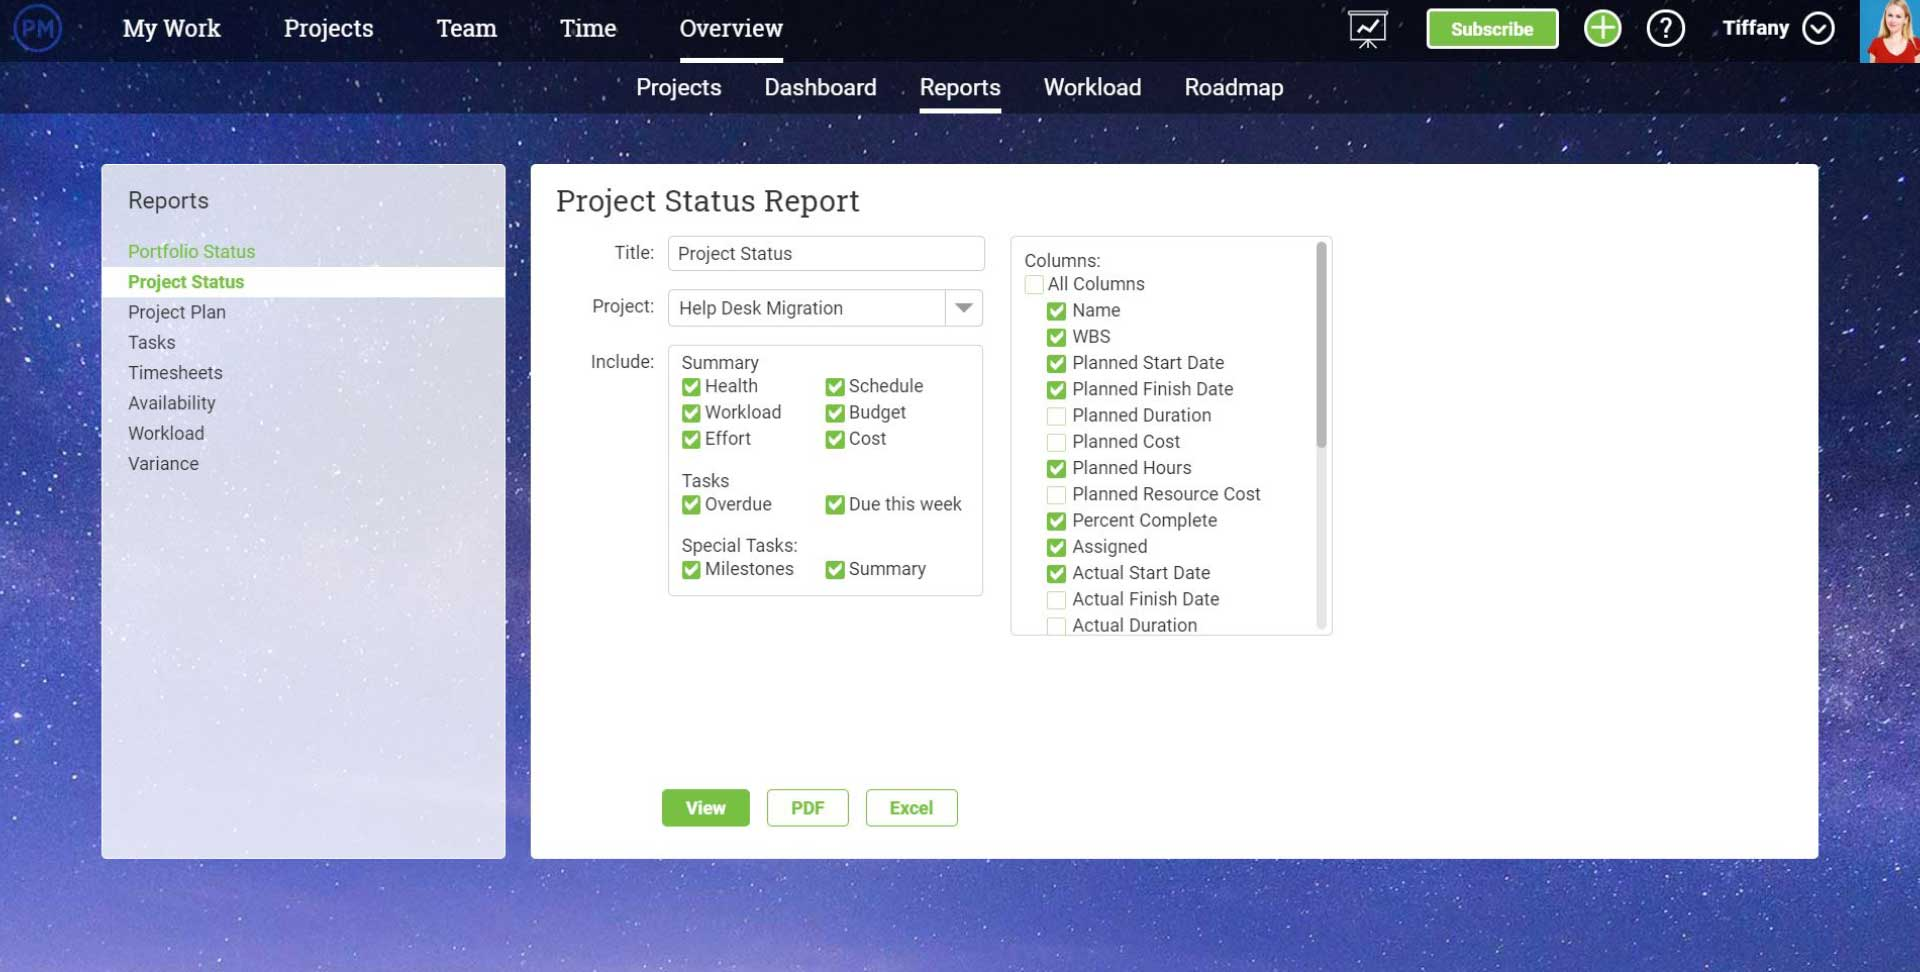 Una captura de pantalla del generador de informes de estado en ProjectManager.com